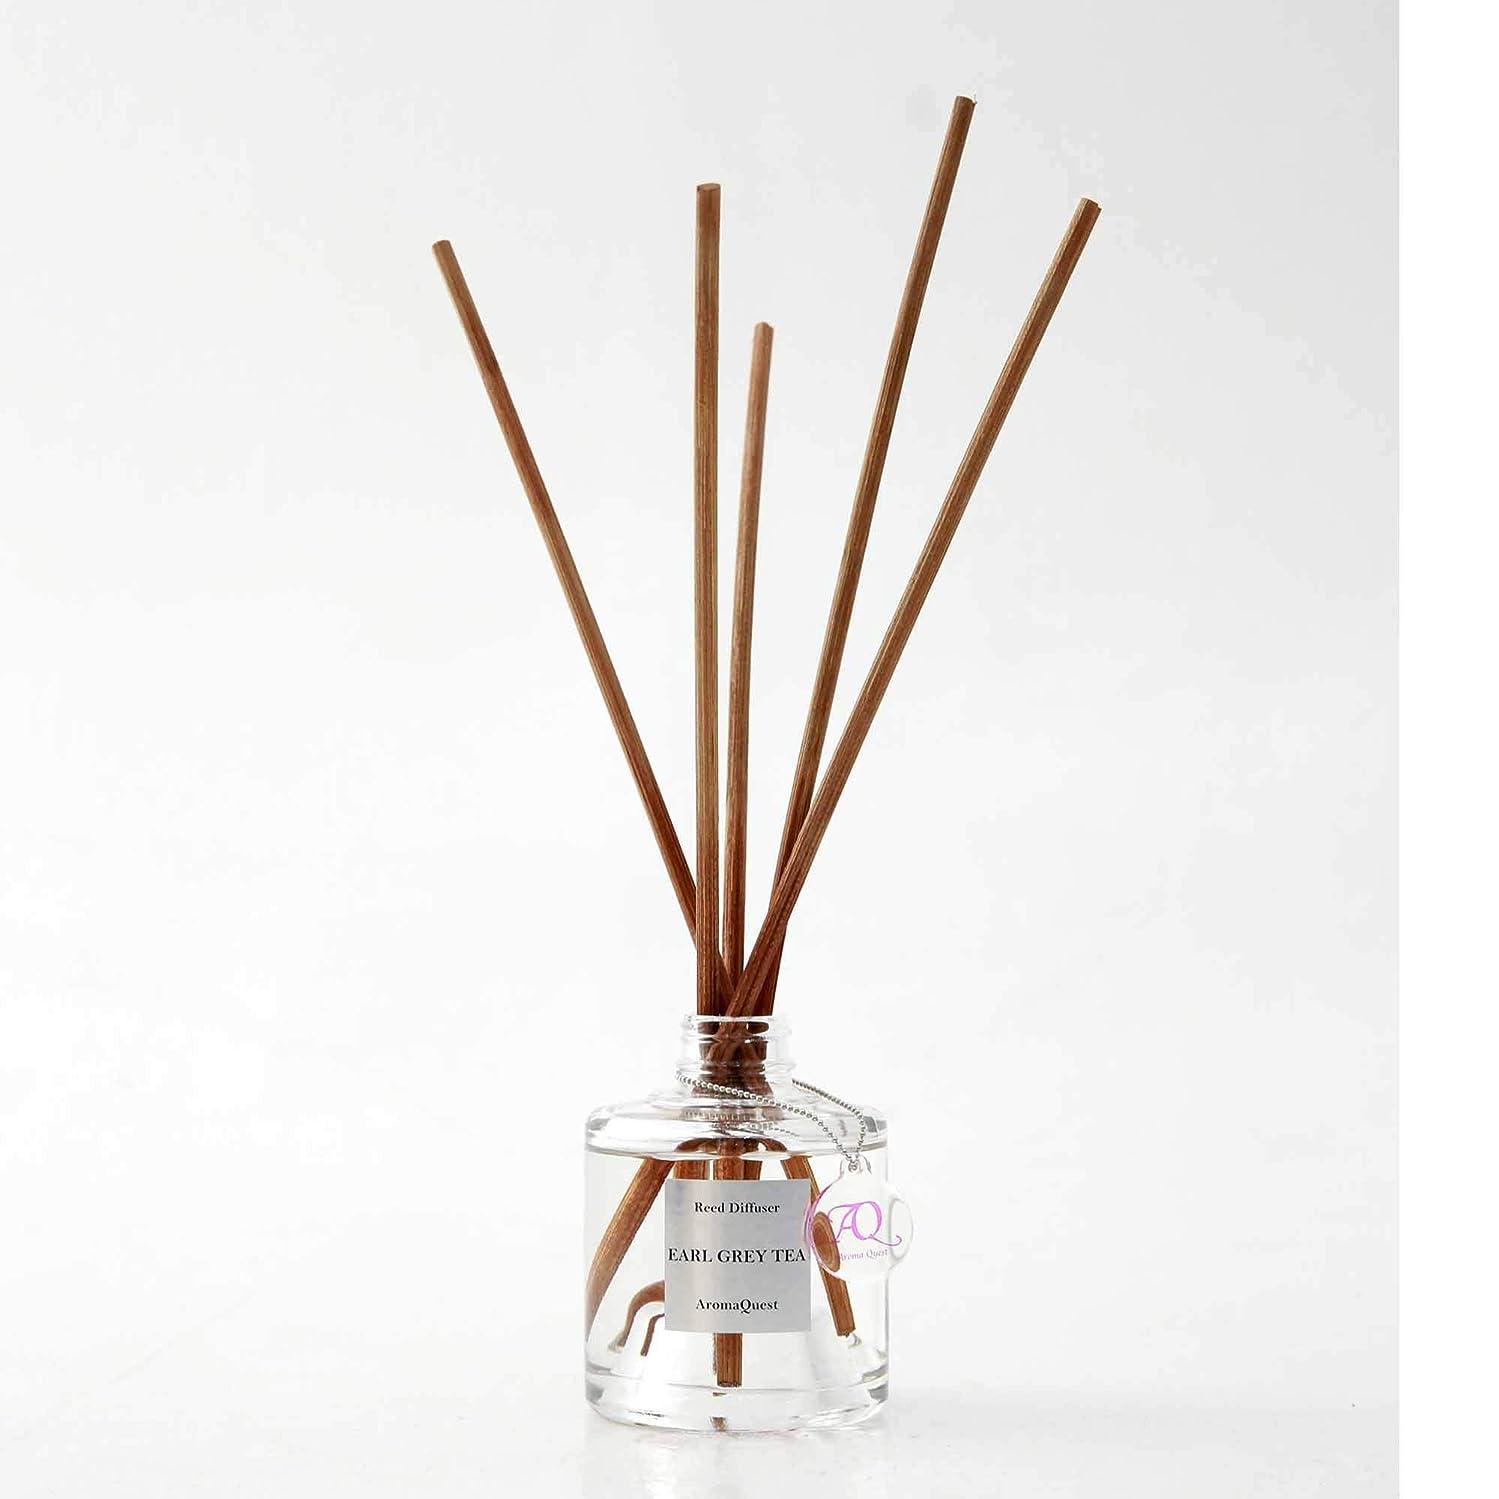 慈善親一目ルームフレグランス リードディフューザー アロマディフューザー 150ml アールグレイティー EARL GREY TEA 紅茶の香り(箱?紙袋なし)